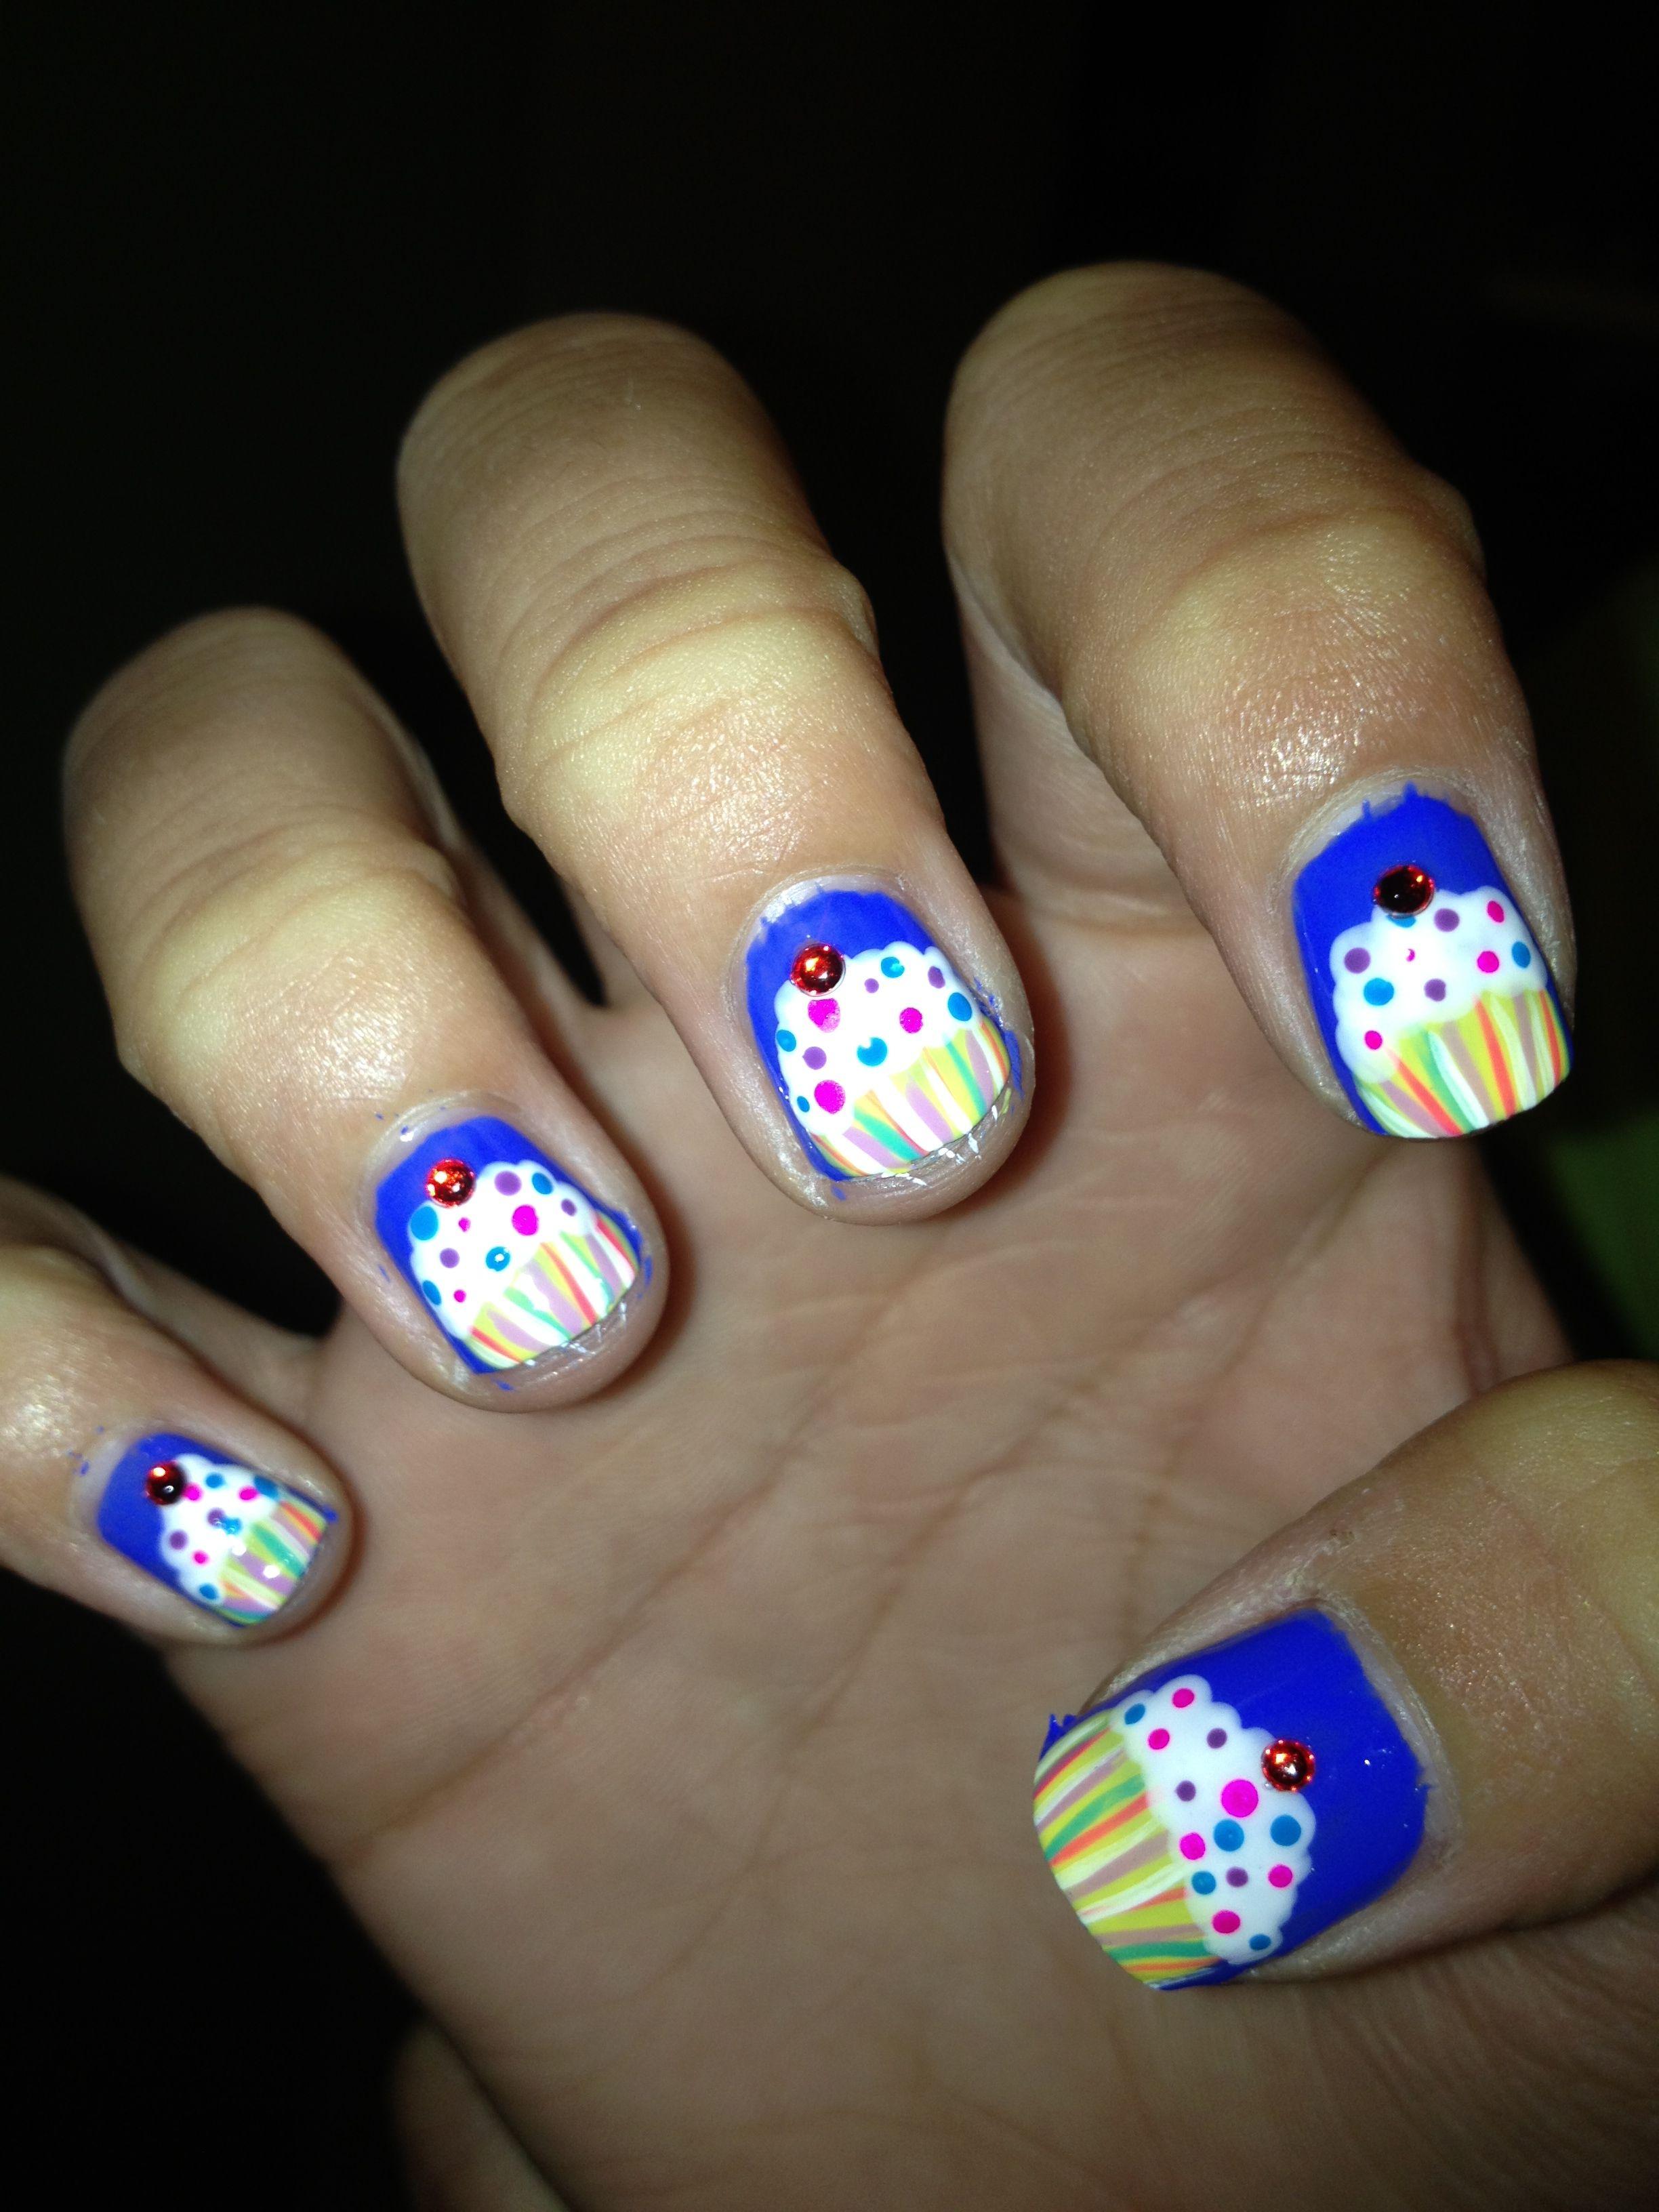 Fun nails | Nails, Fun nails, Gel nails